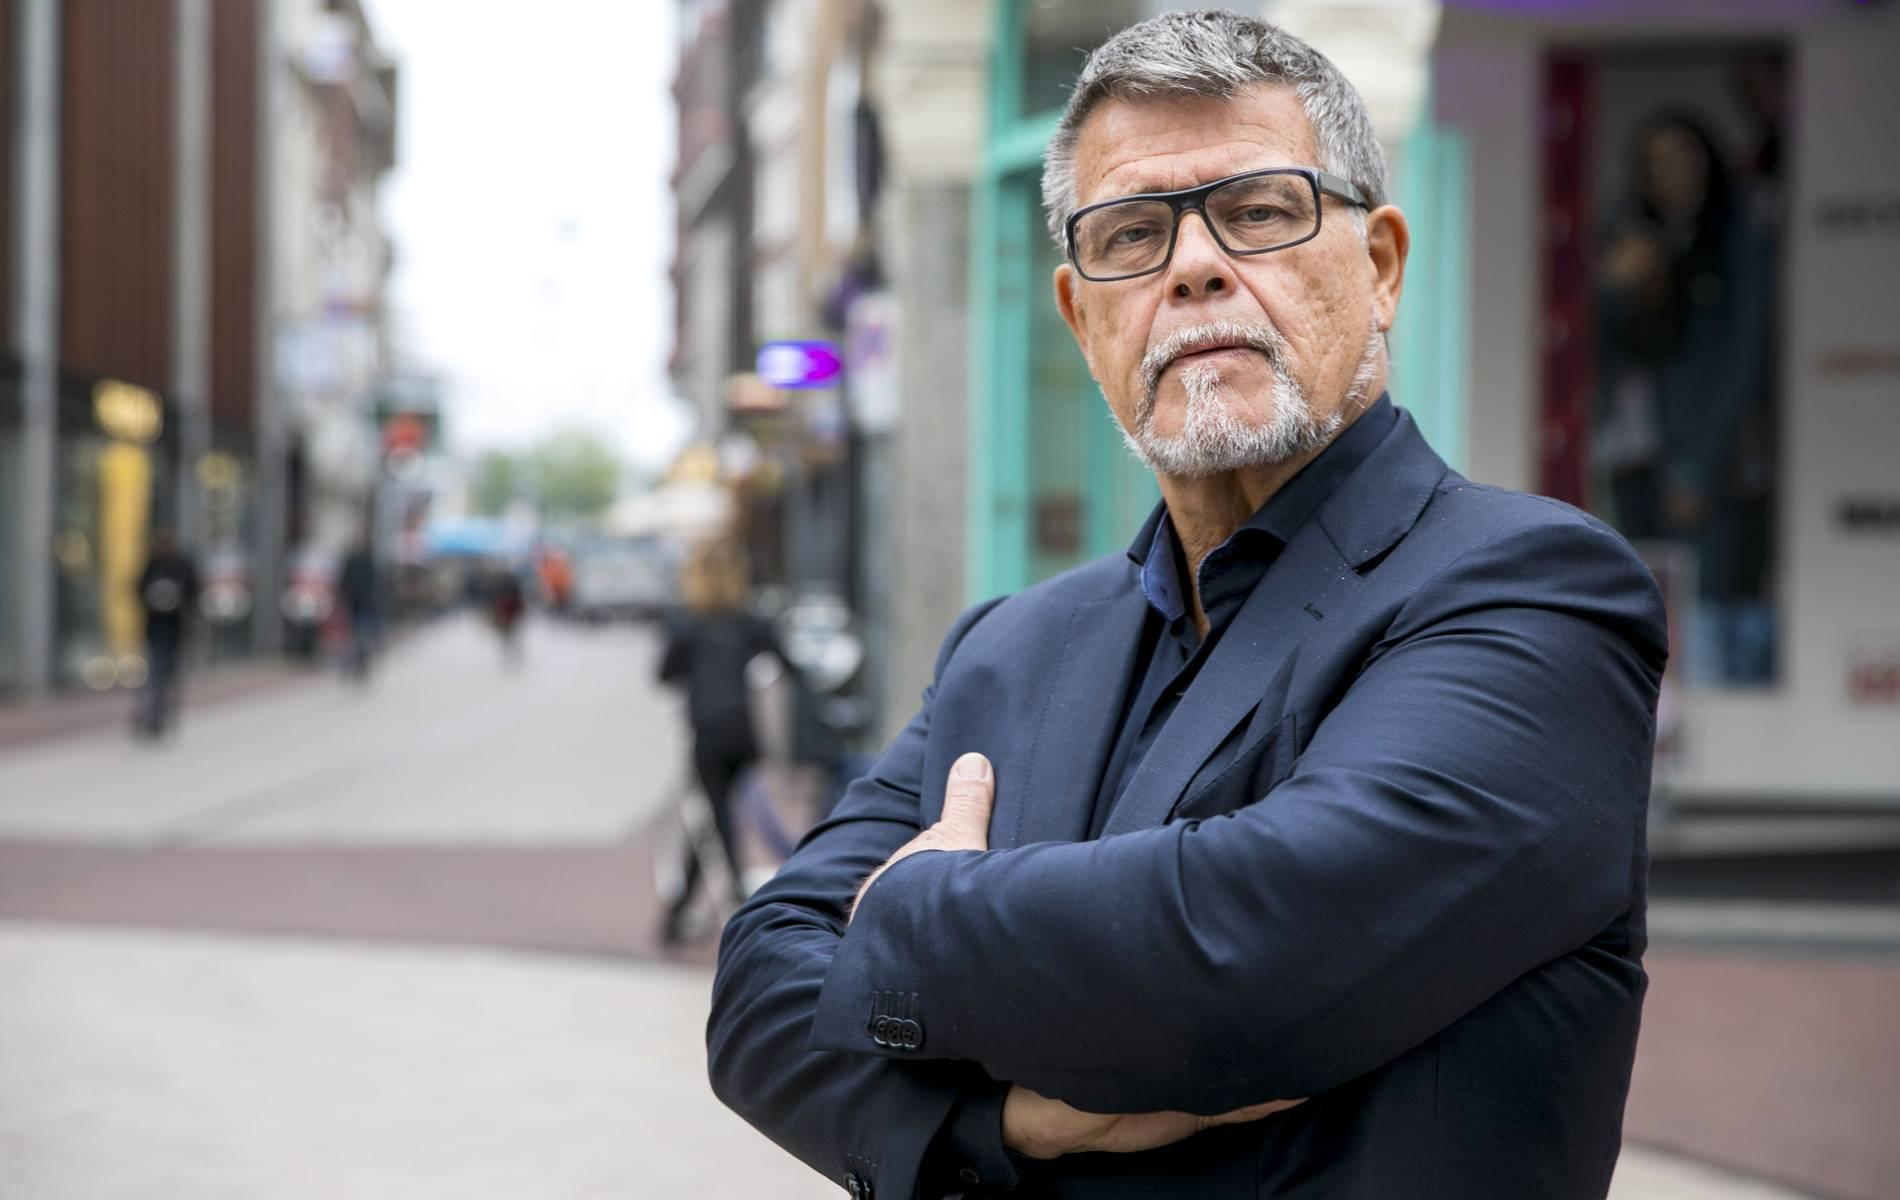 Niederländer will sein Alter um 20 Jahre senken